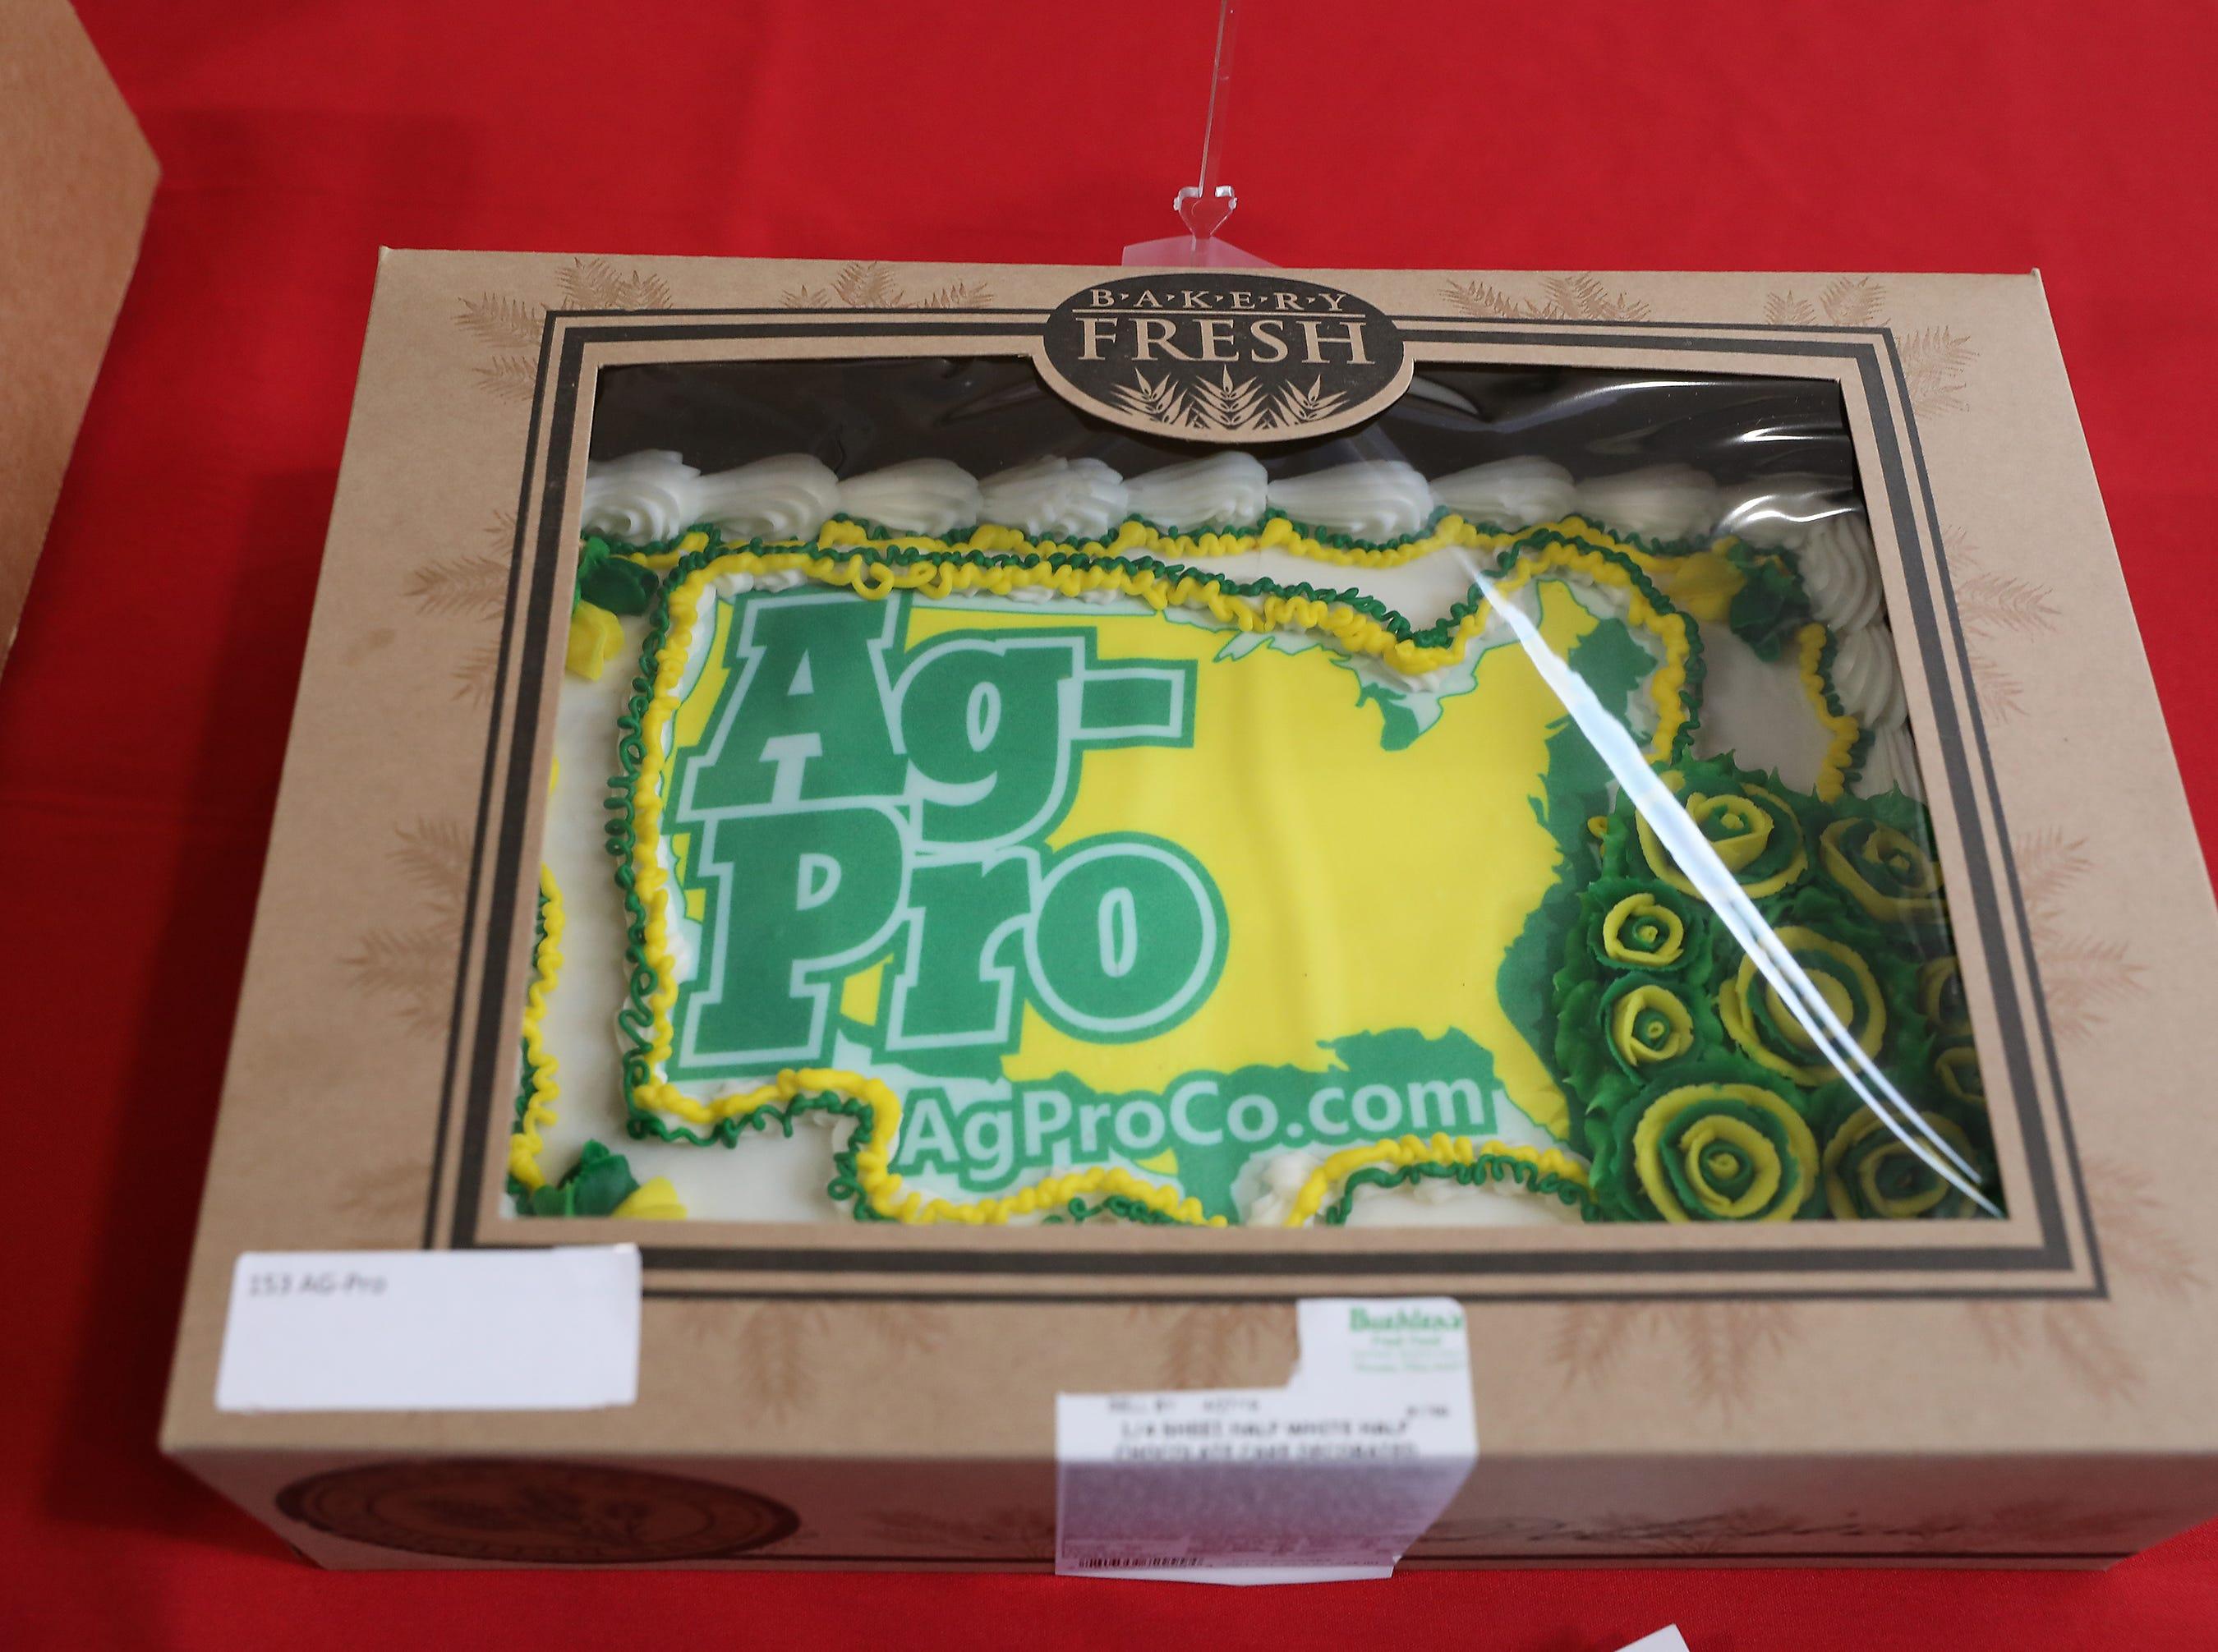 3:30 P.M. Thursday cake 153 AG-Pro